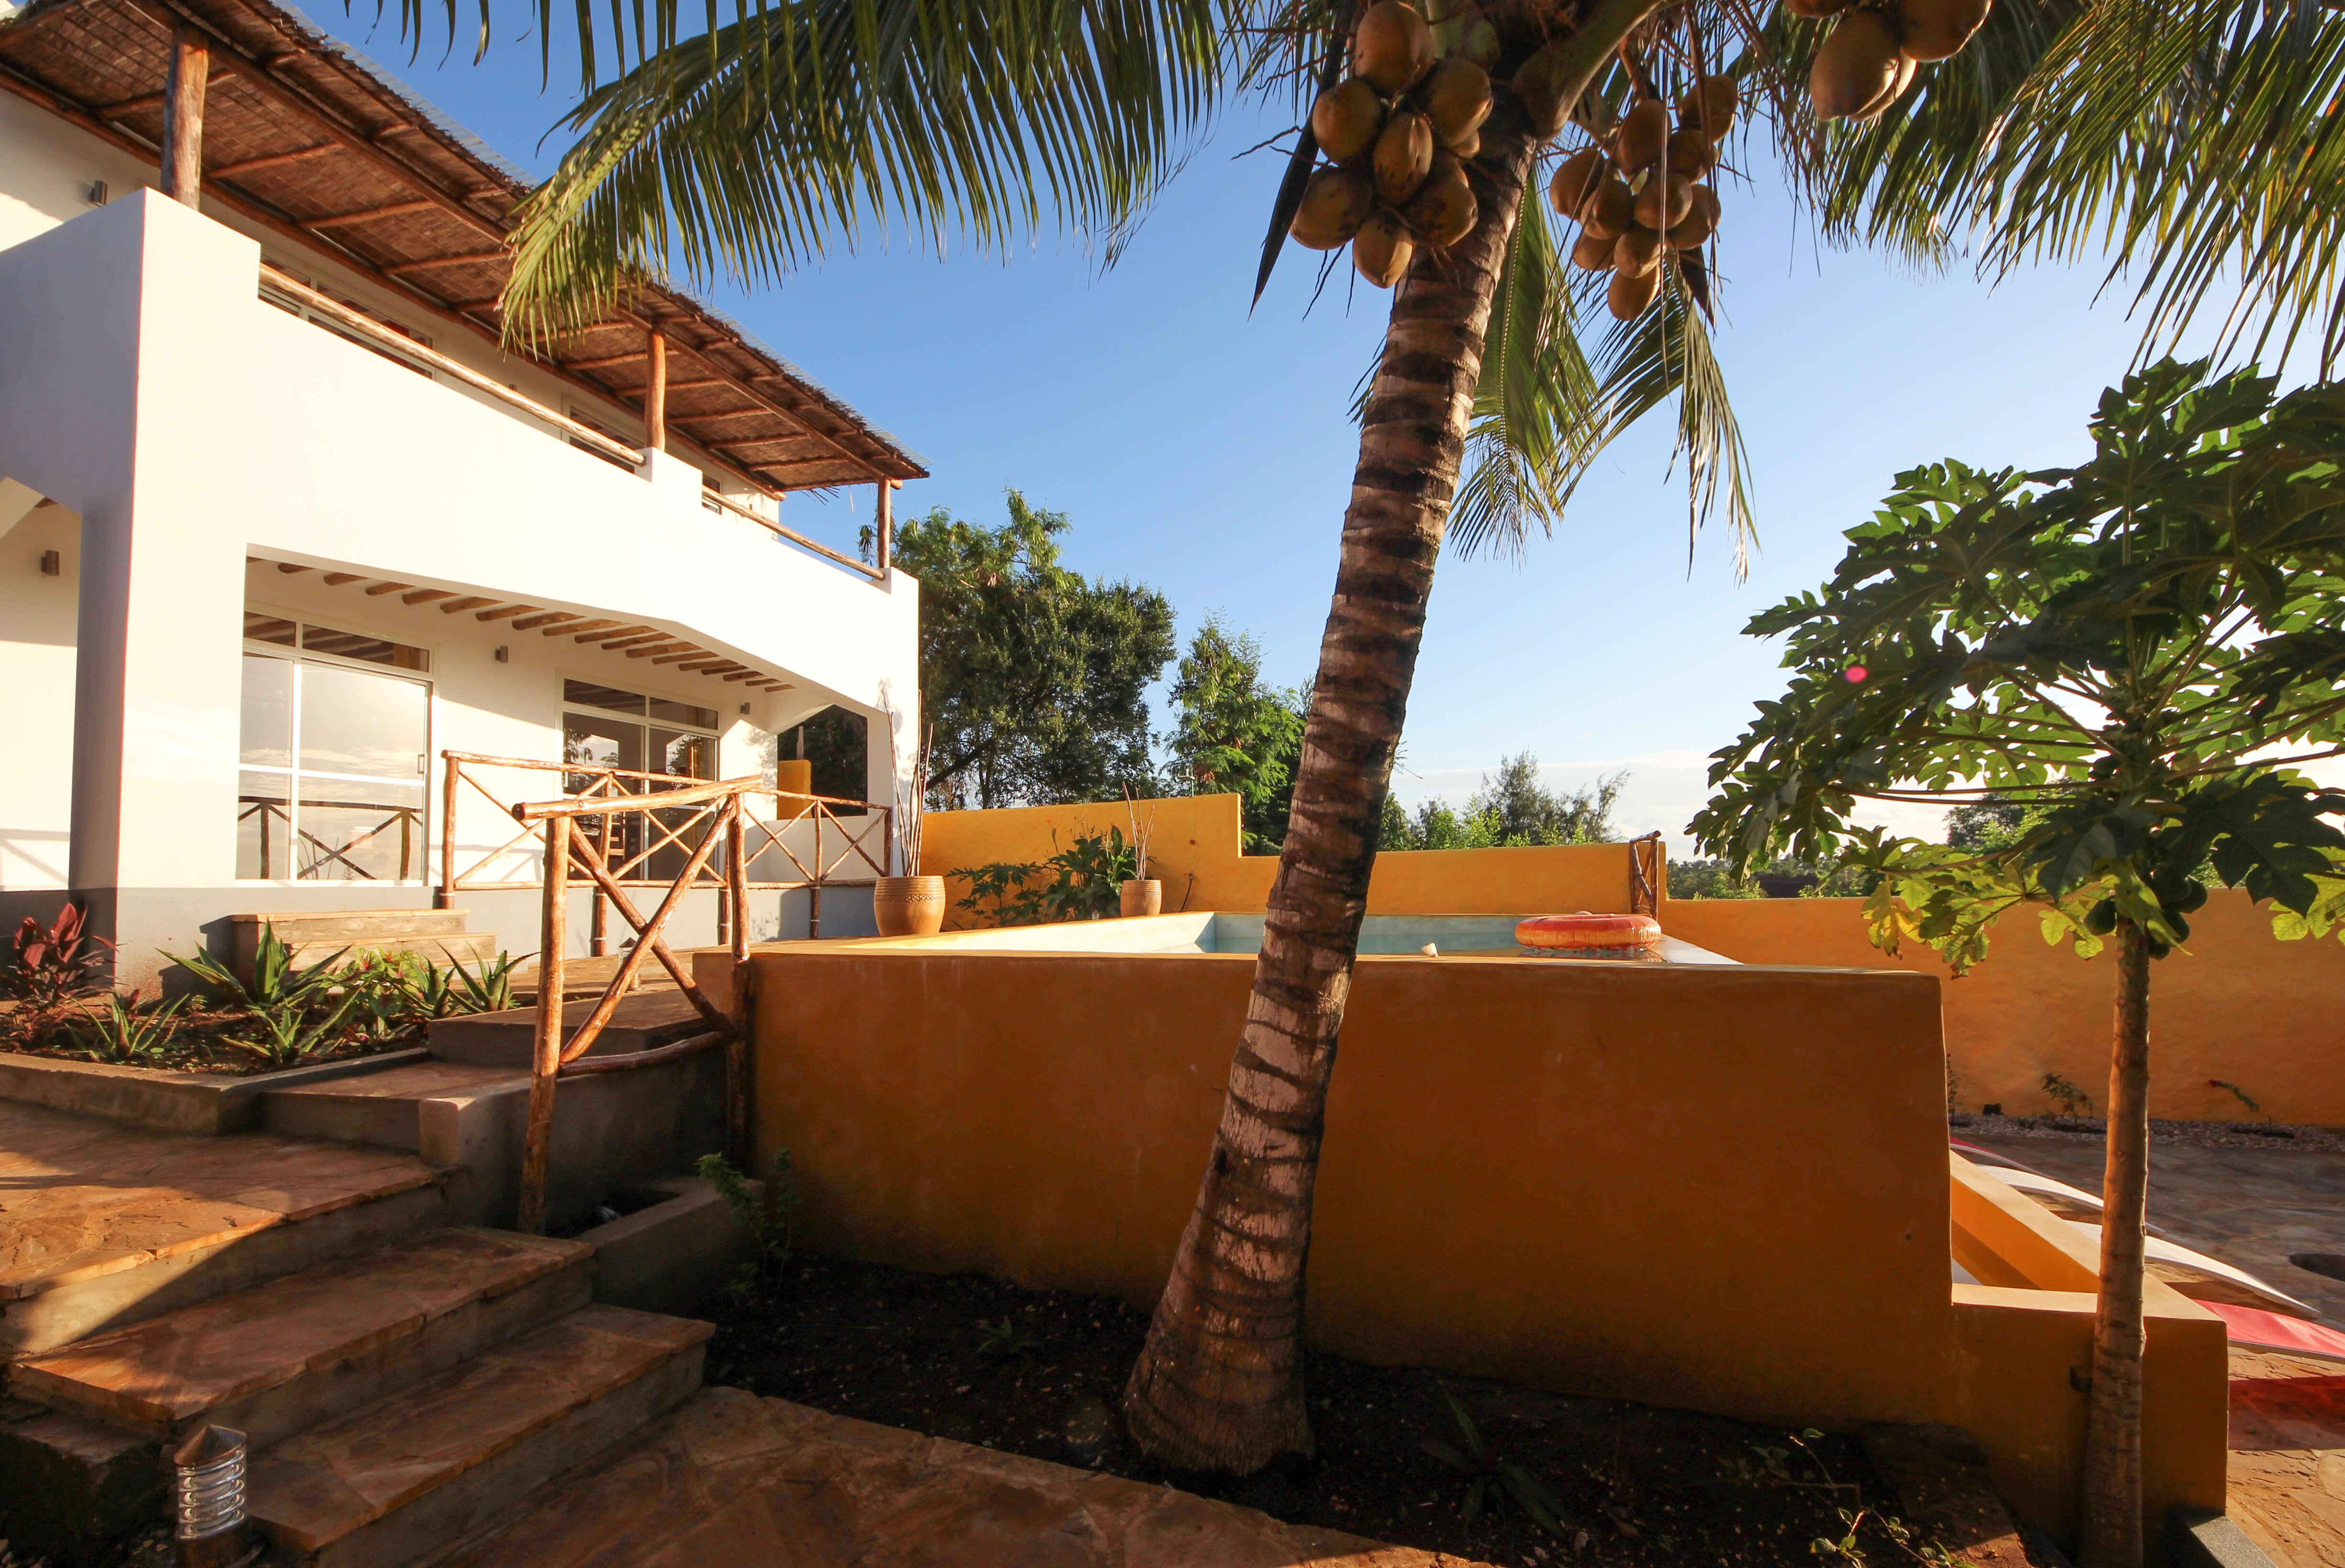 Appartamenti Maisha Marefu a Kiwengwa Zanzibar Africa